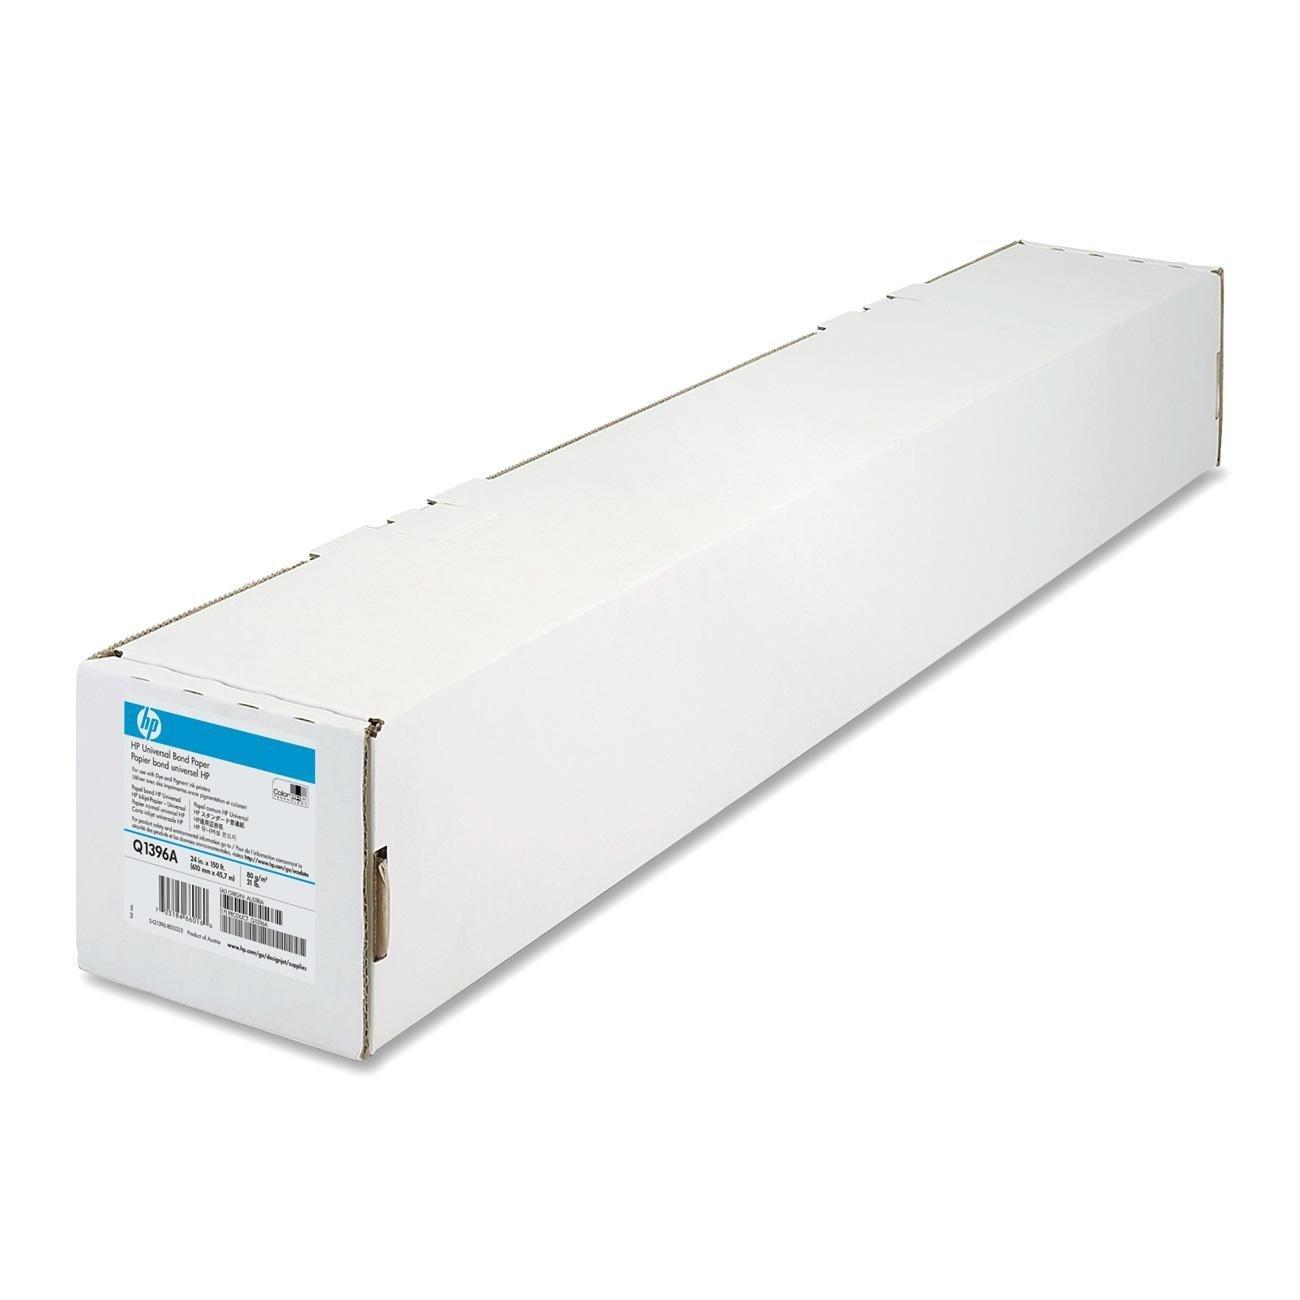 Hewlett Packard Q1396A Carta